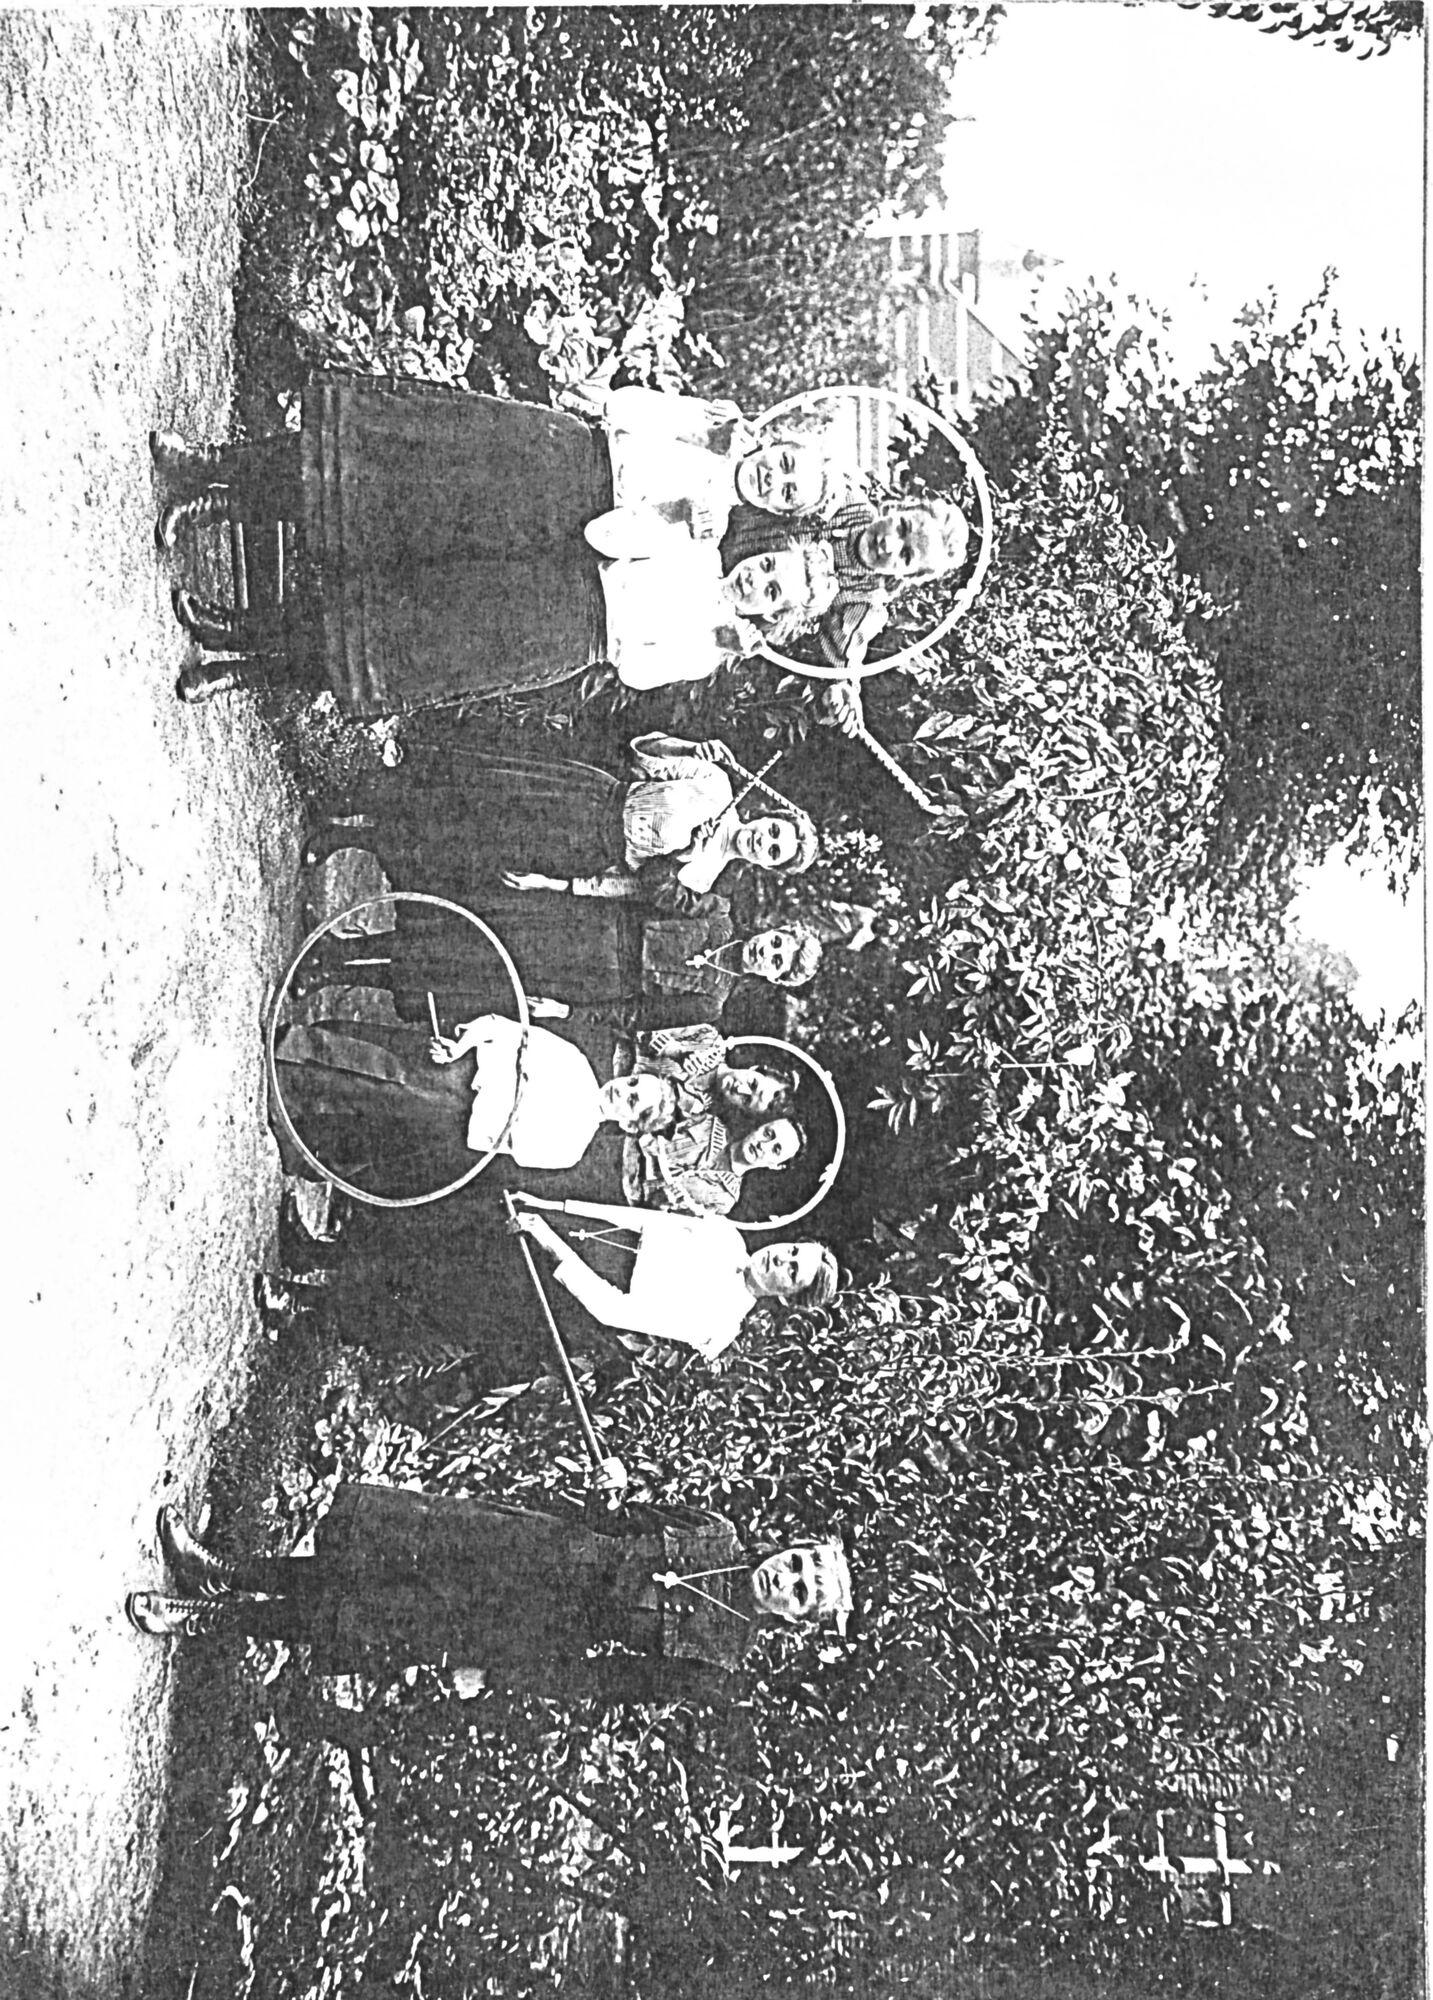 Klooster Deftinge - internaat